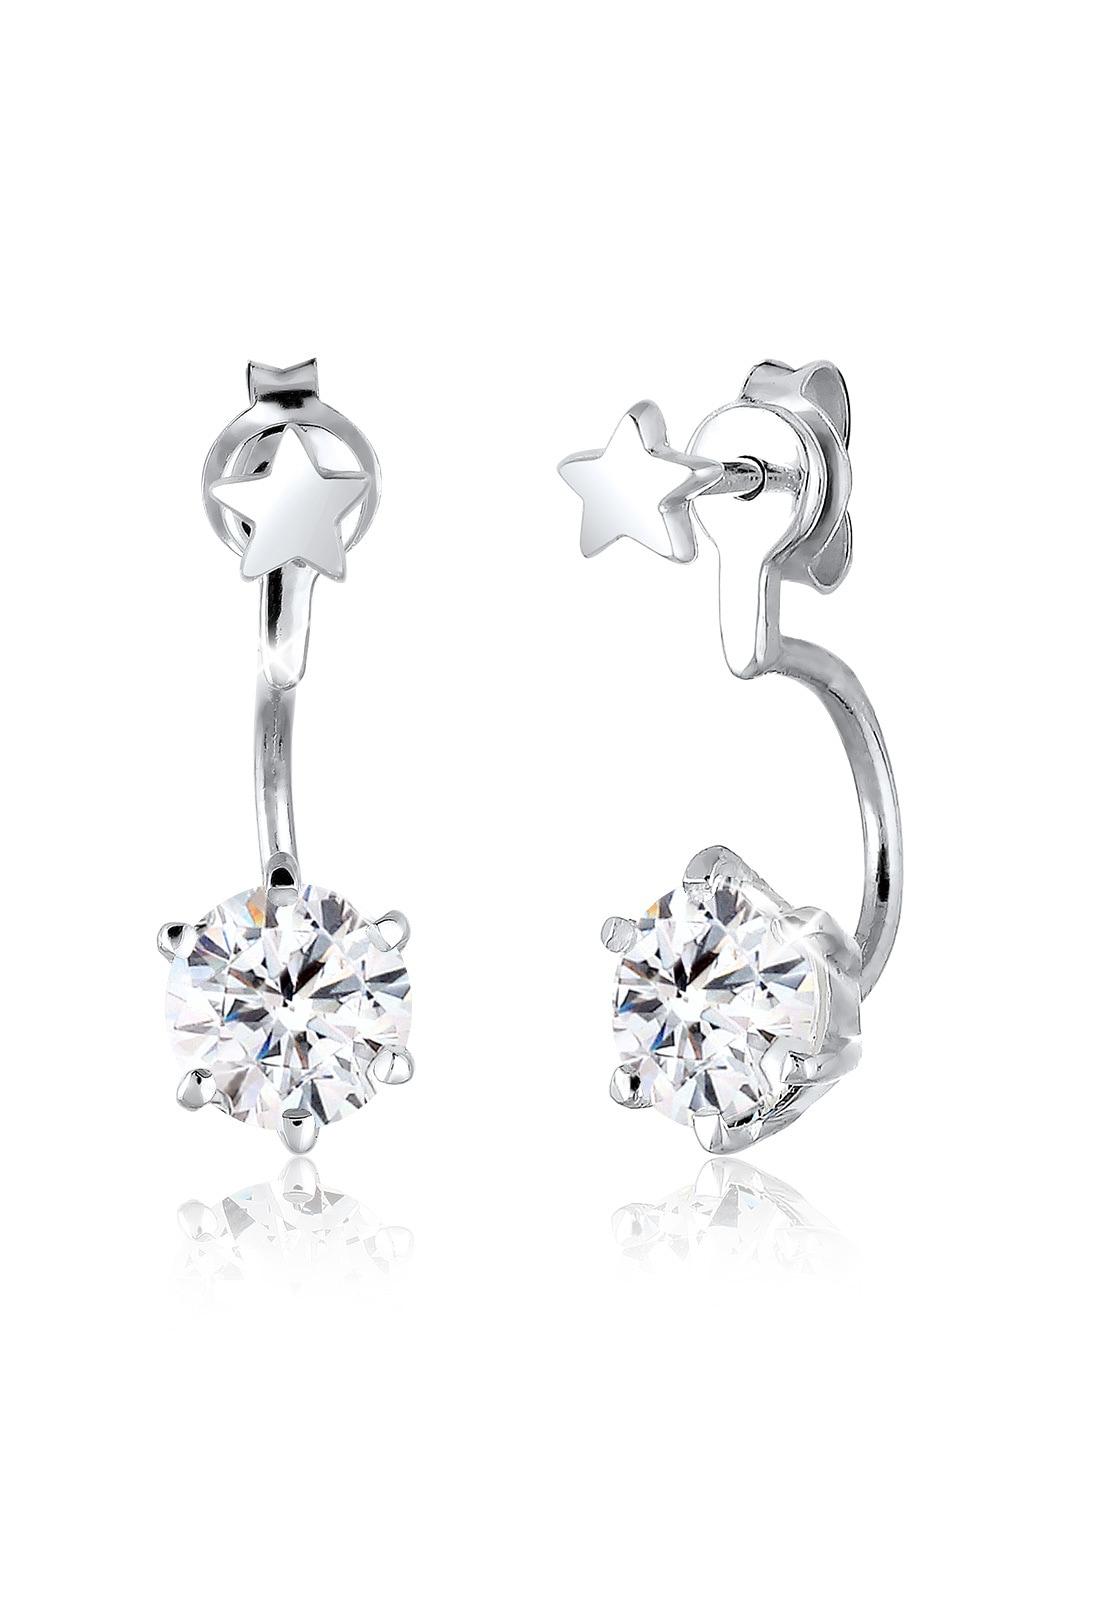 Elli Paar Ohrstecker  Front-Back Sterne Swarovski® Kristalle 925 Silber  Preisvergleich